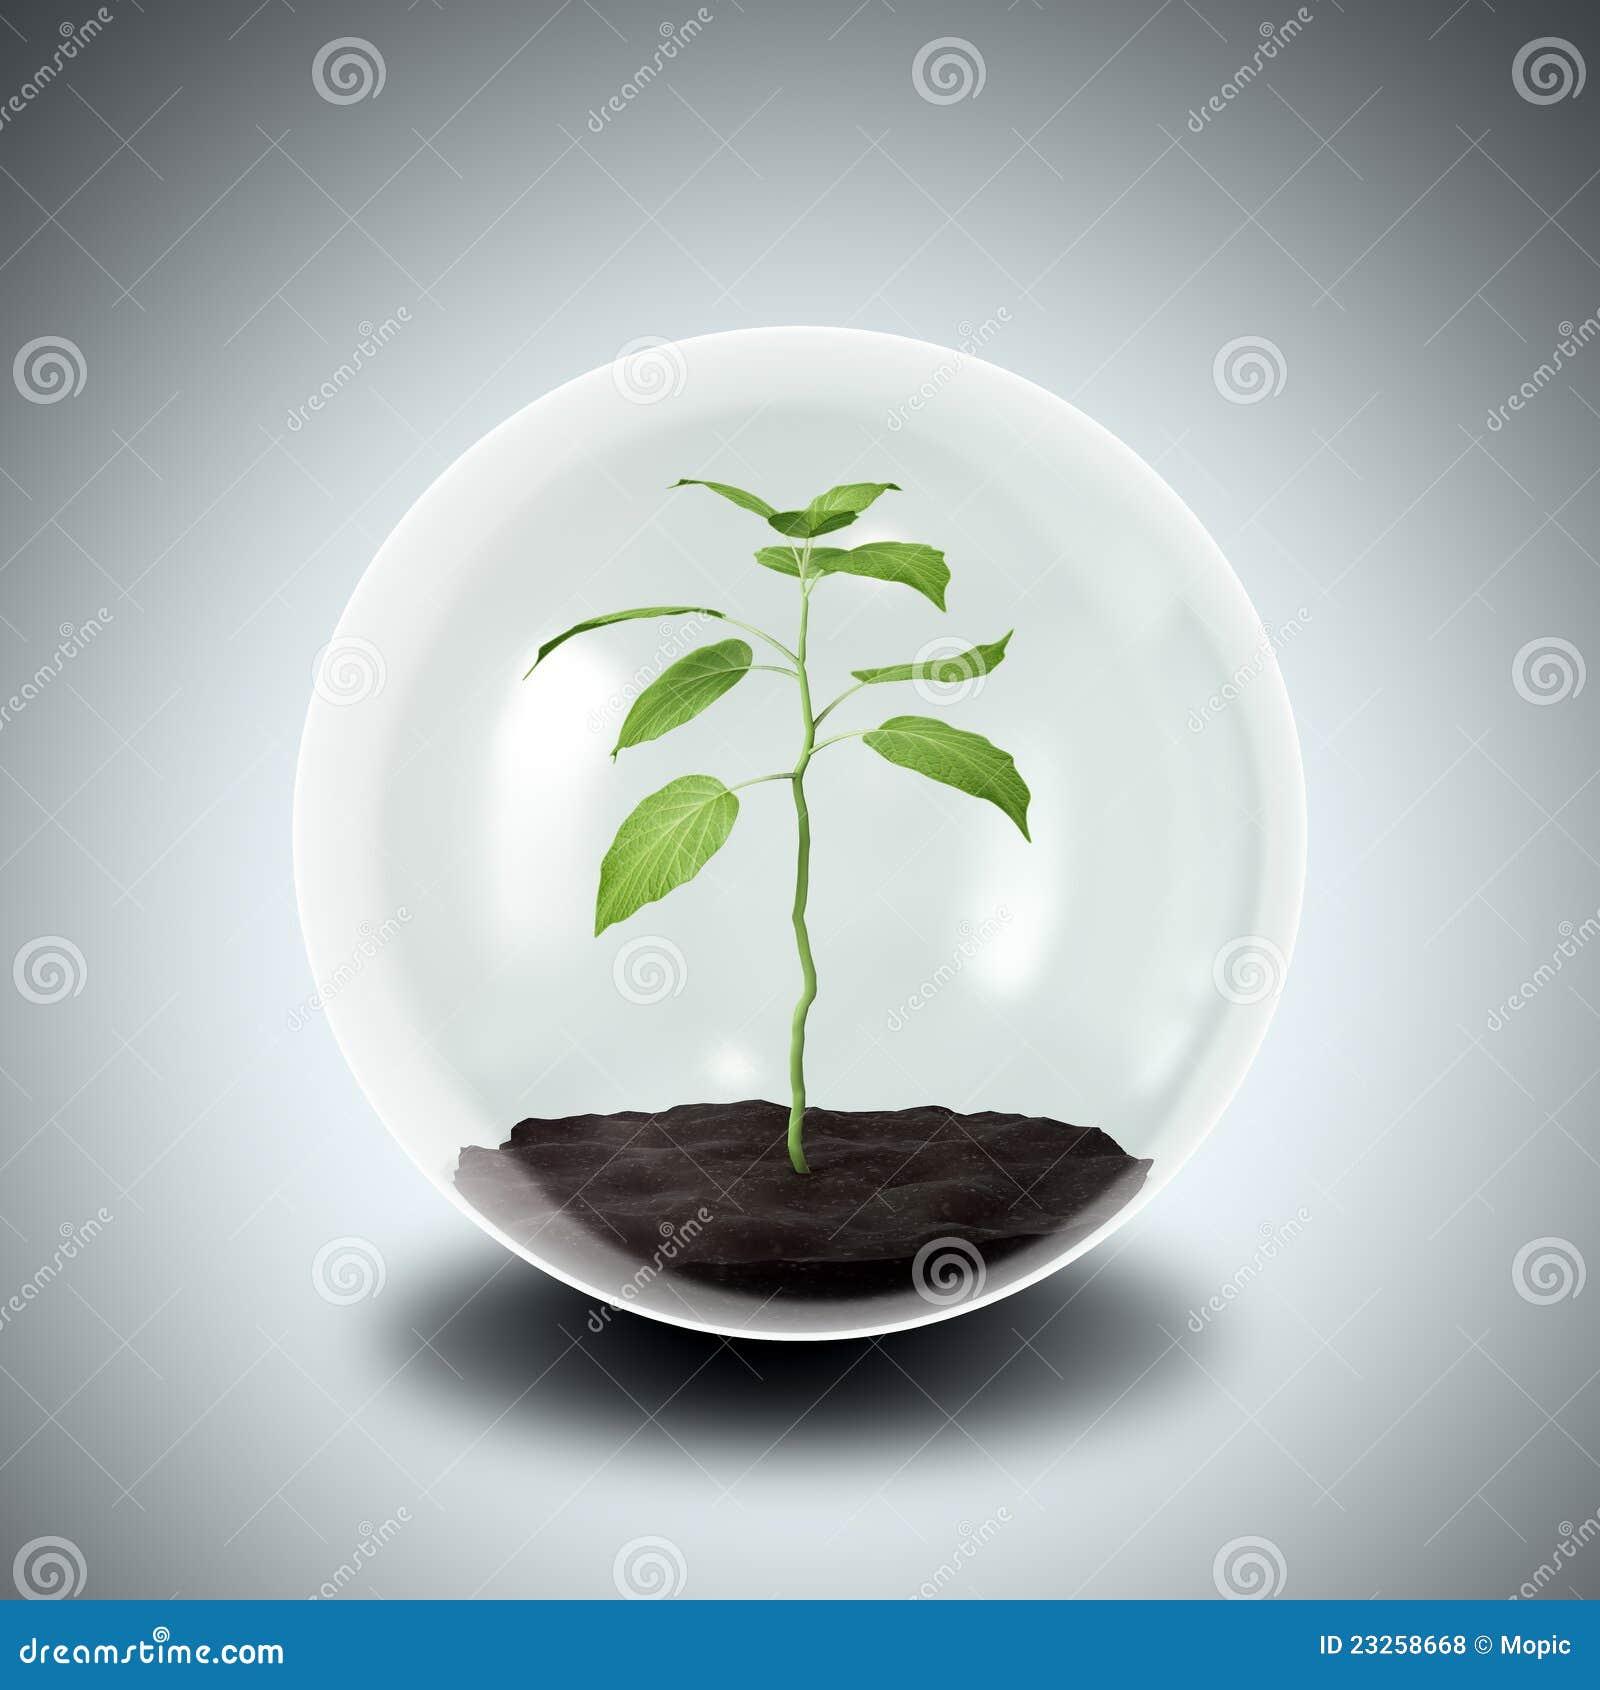 Plant inside a glass hole